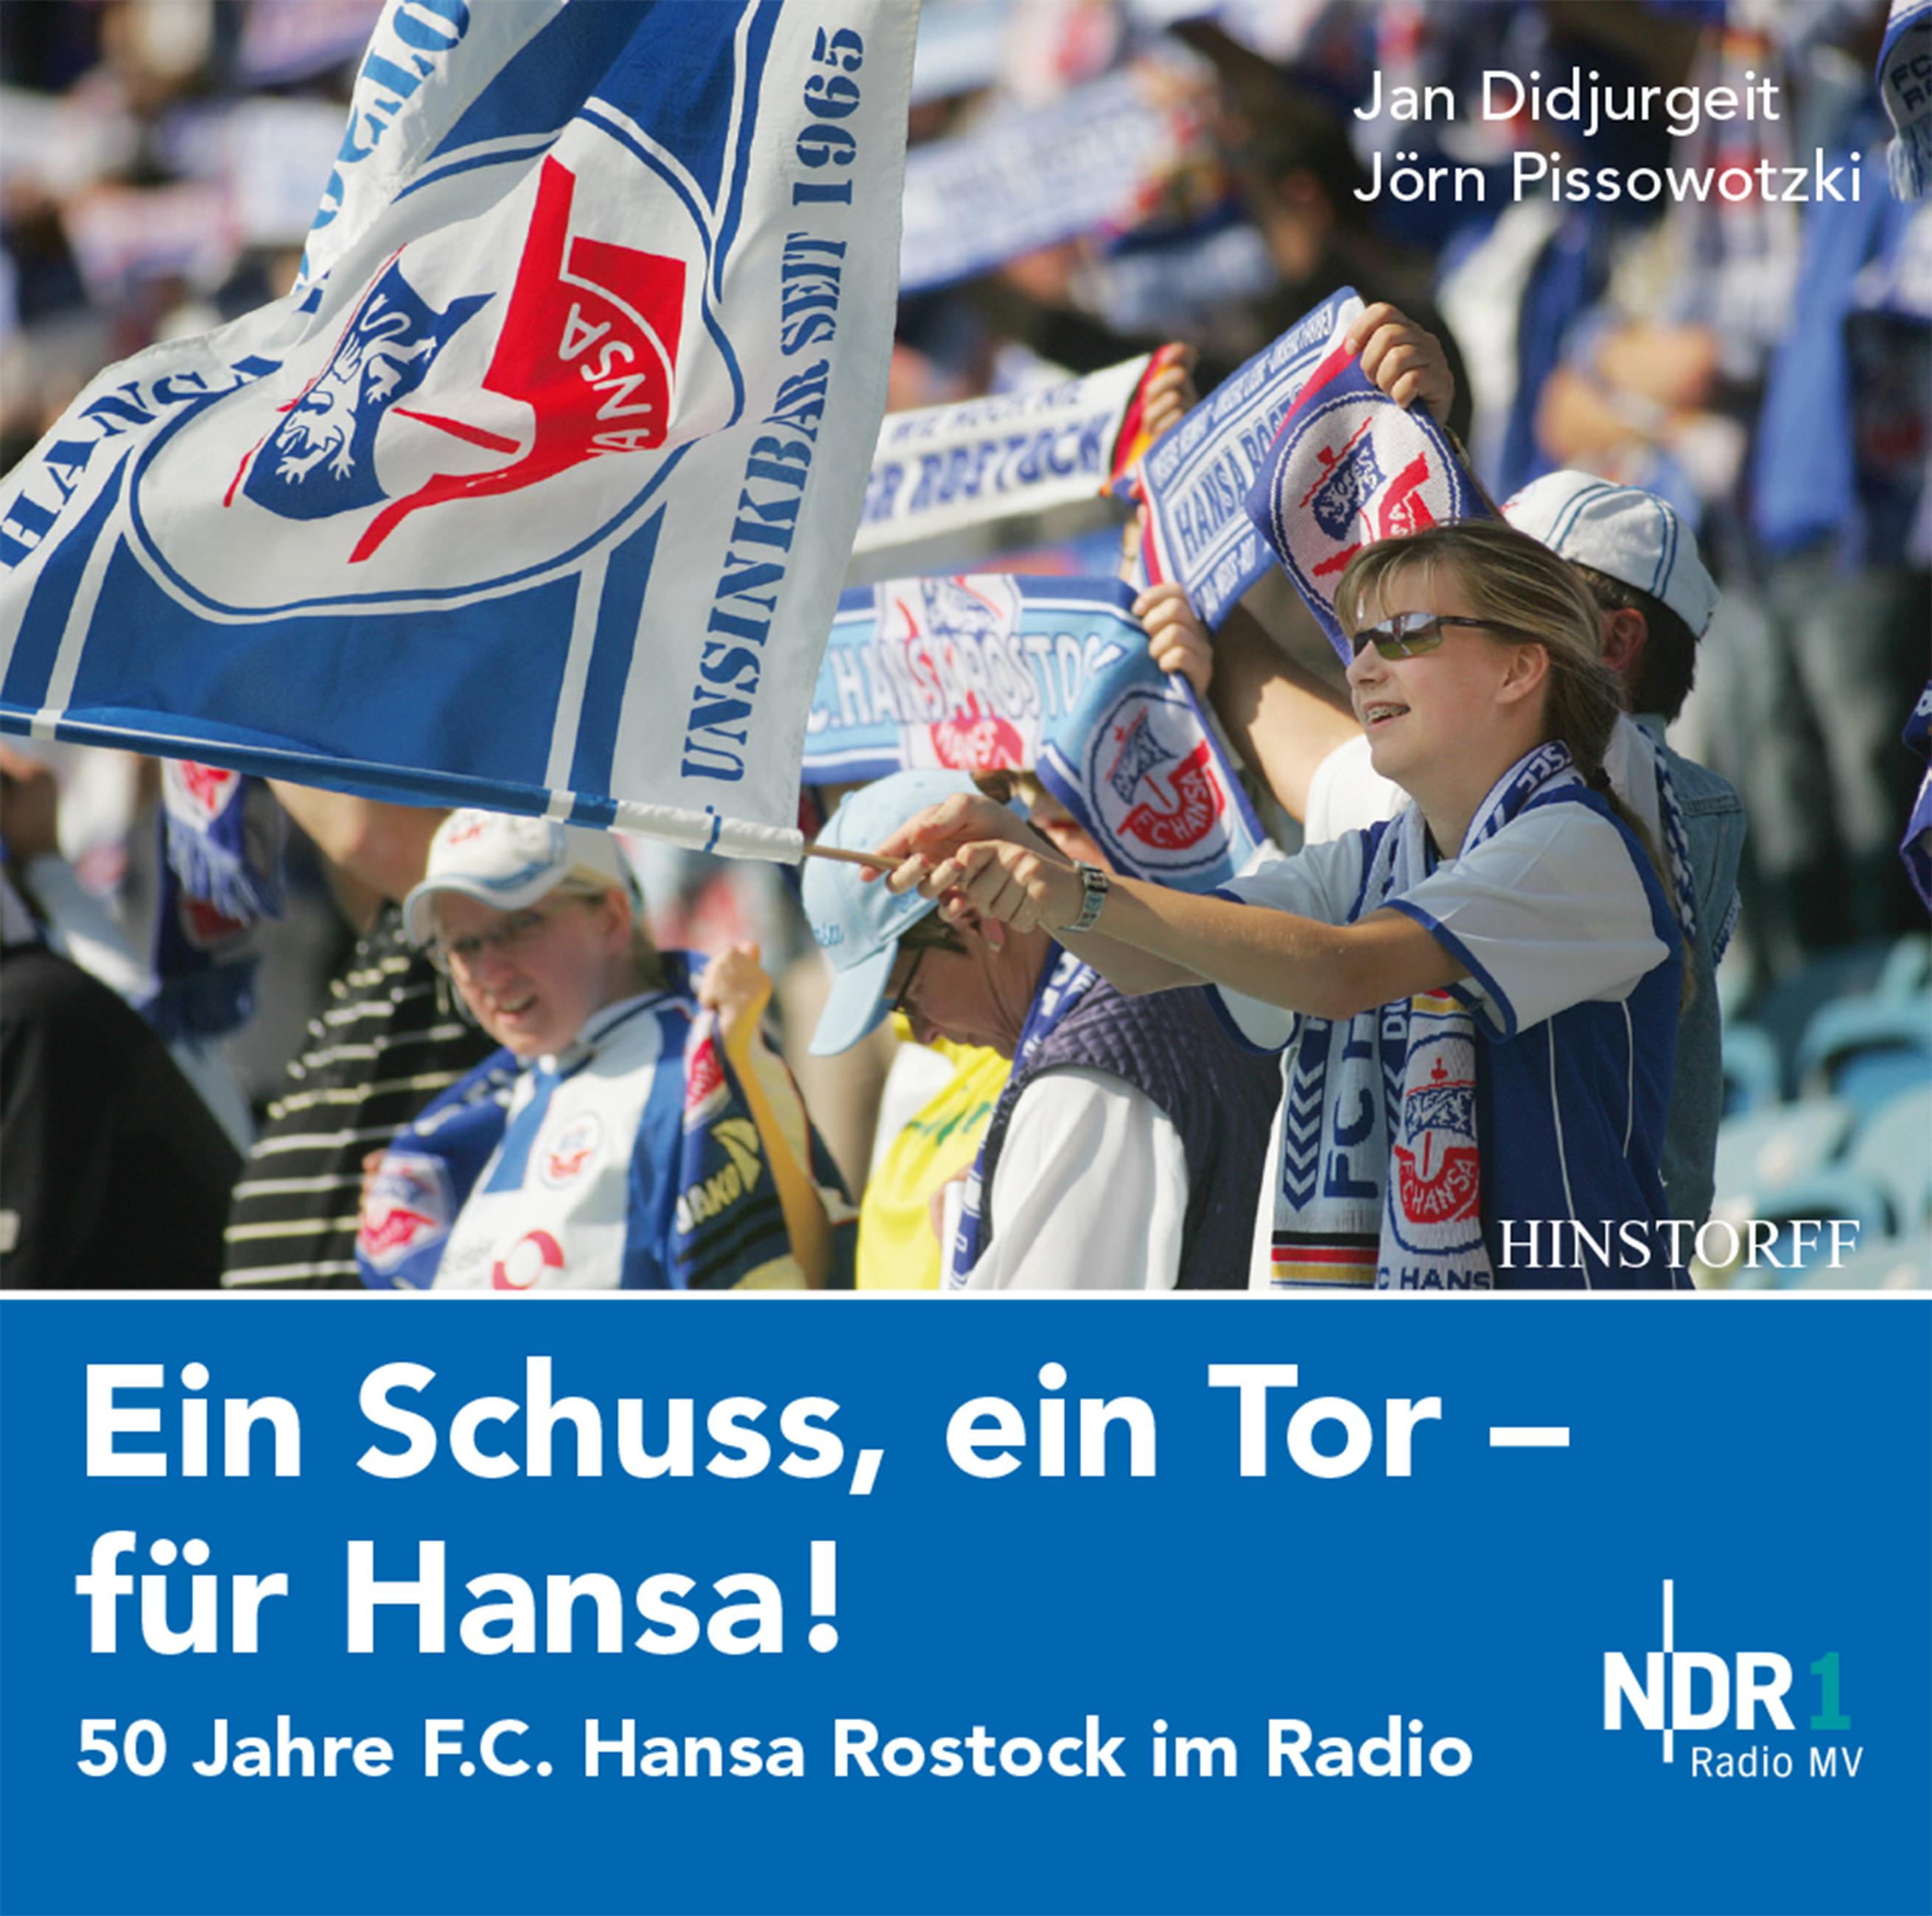 Ein Schuss, ein Tor - für Hansa: 50 Jahre F. C. Hansa Rostock